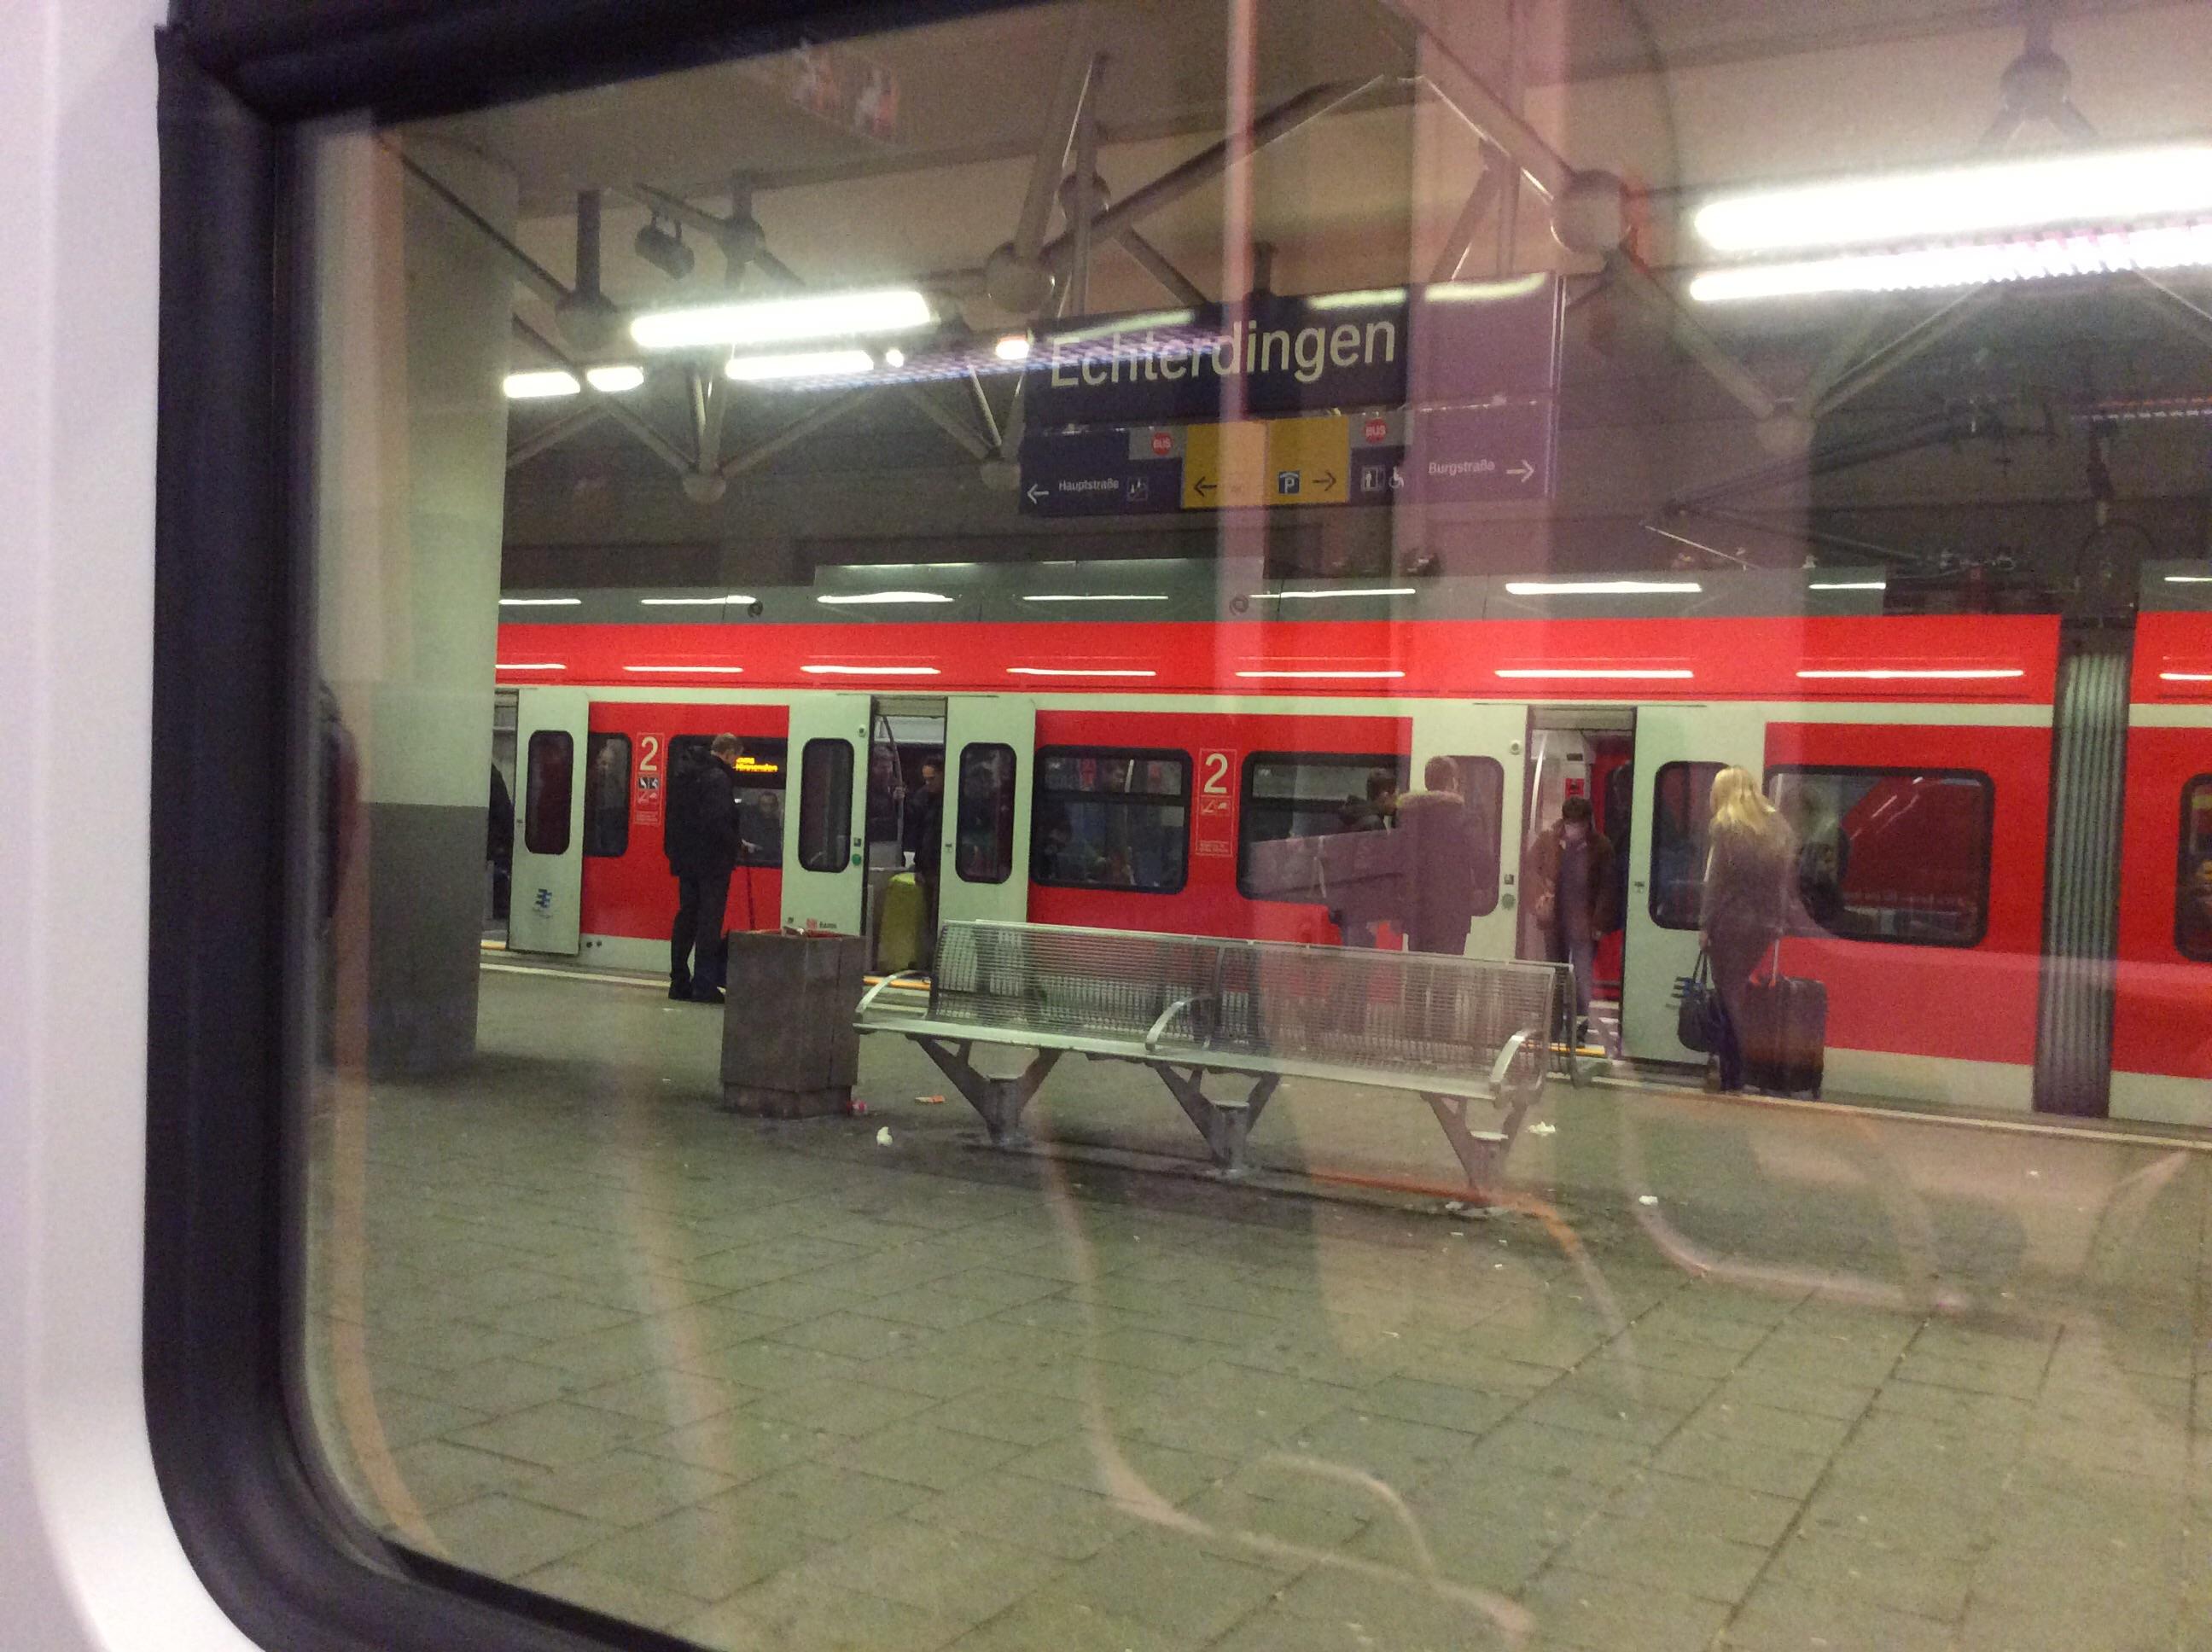 Bahnhof Echterdingen